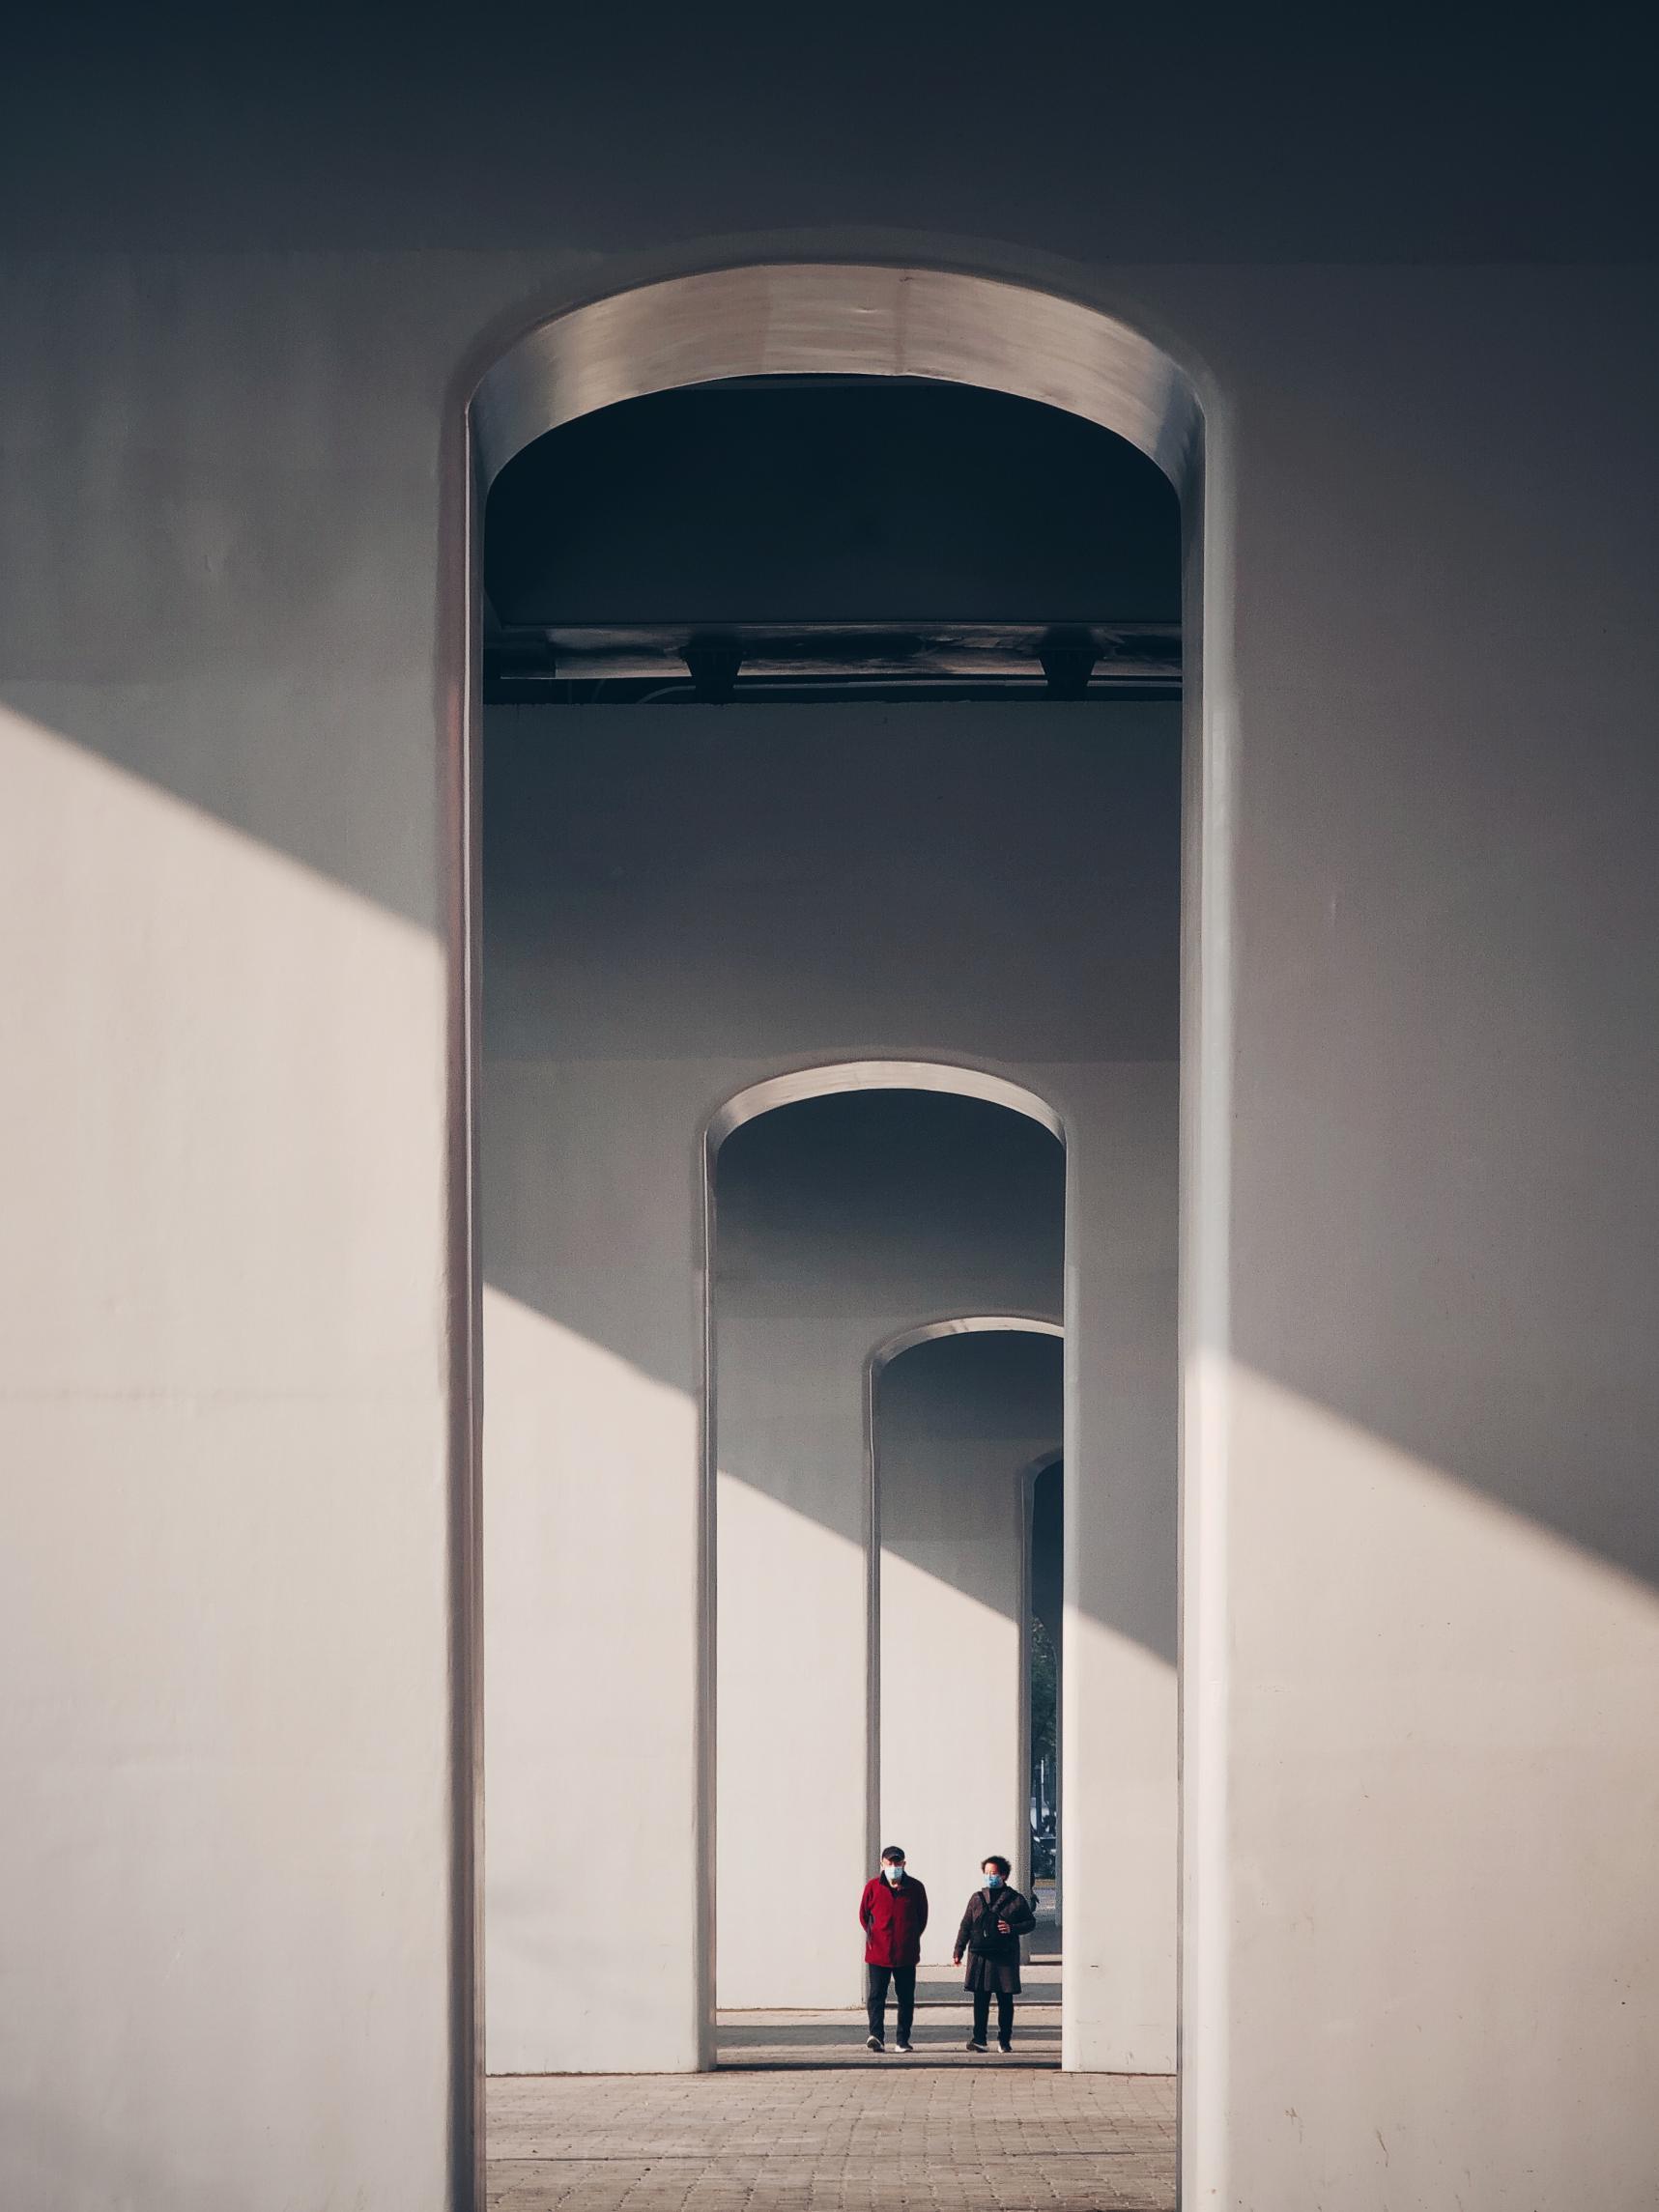 hk_c_一佳one  下午的斜光照進了立交橋下,兩位散步的老人迎面走來,我趕緊使用手機的5倍鏡拍攝了下來.jpg